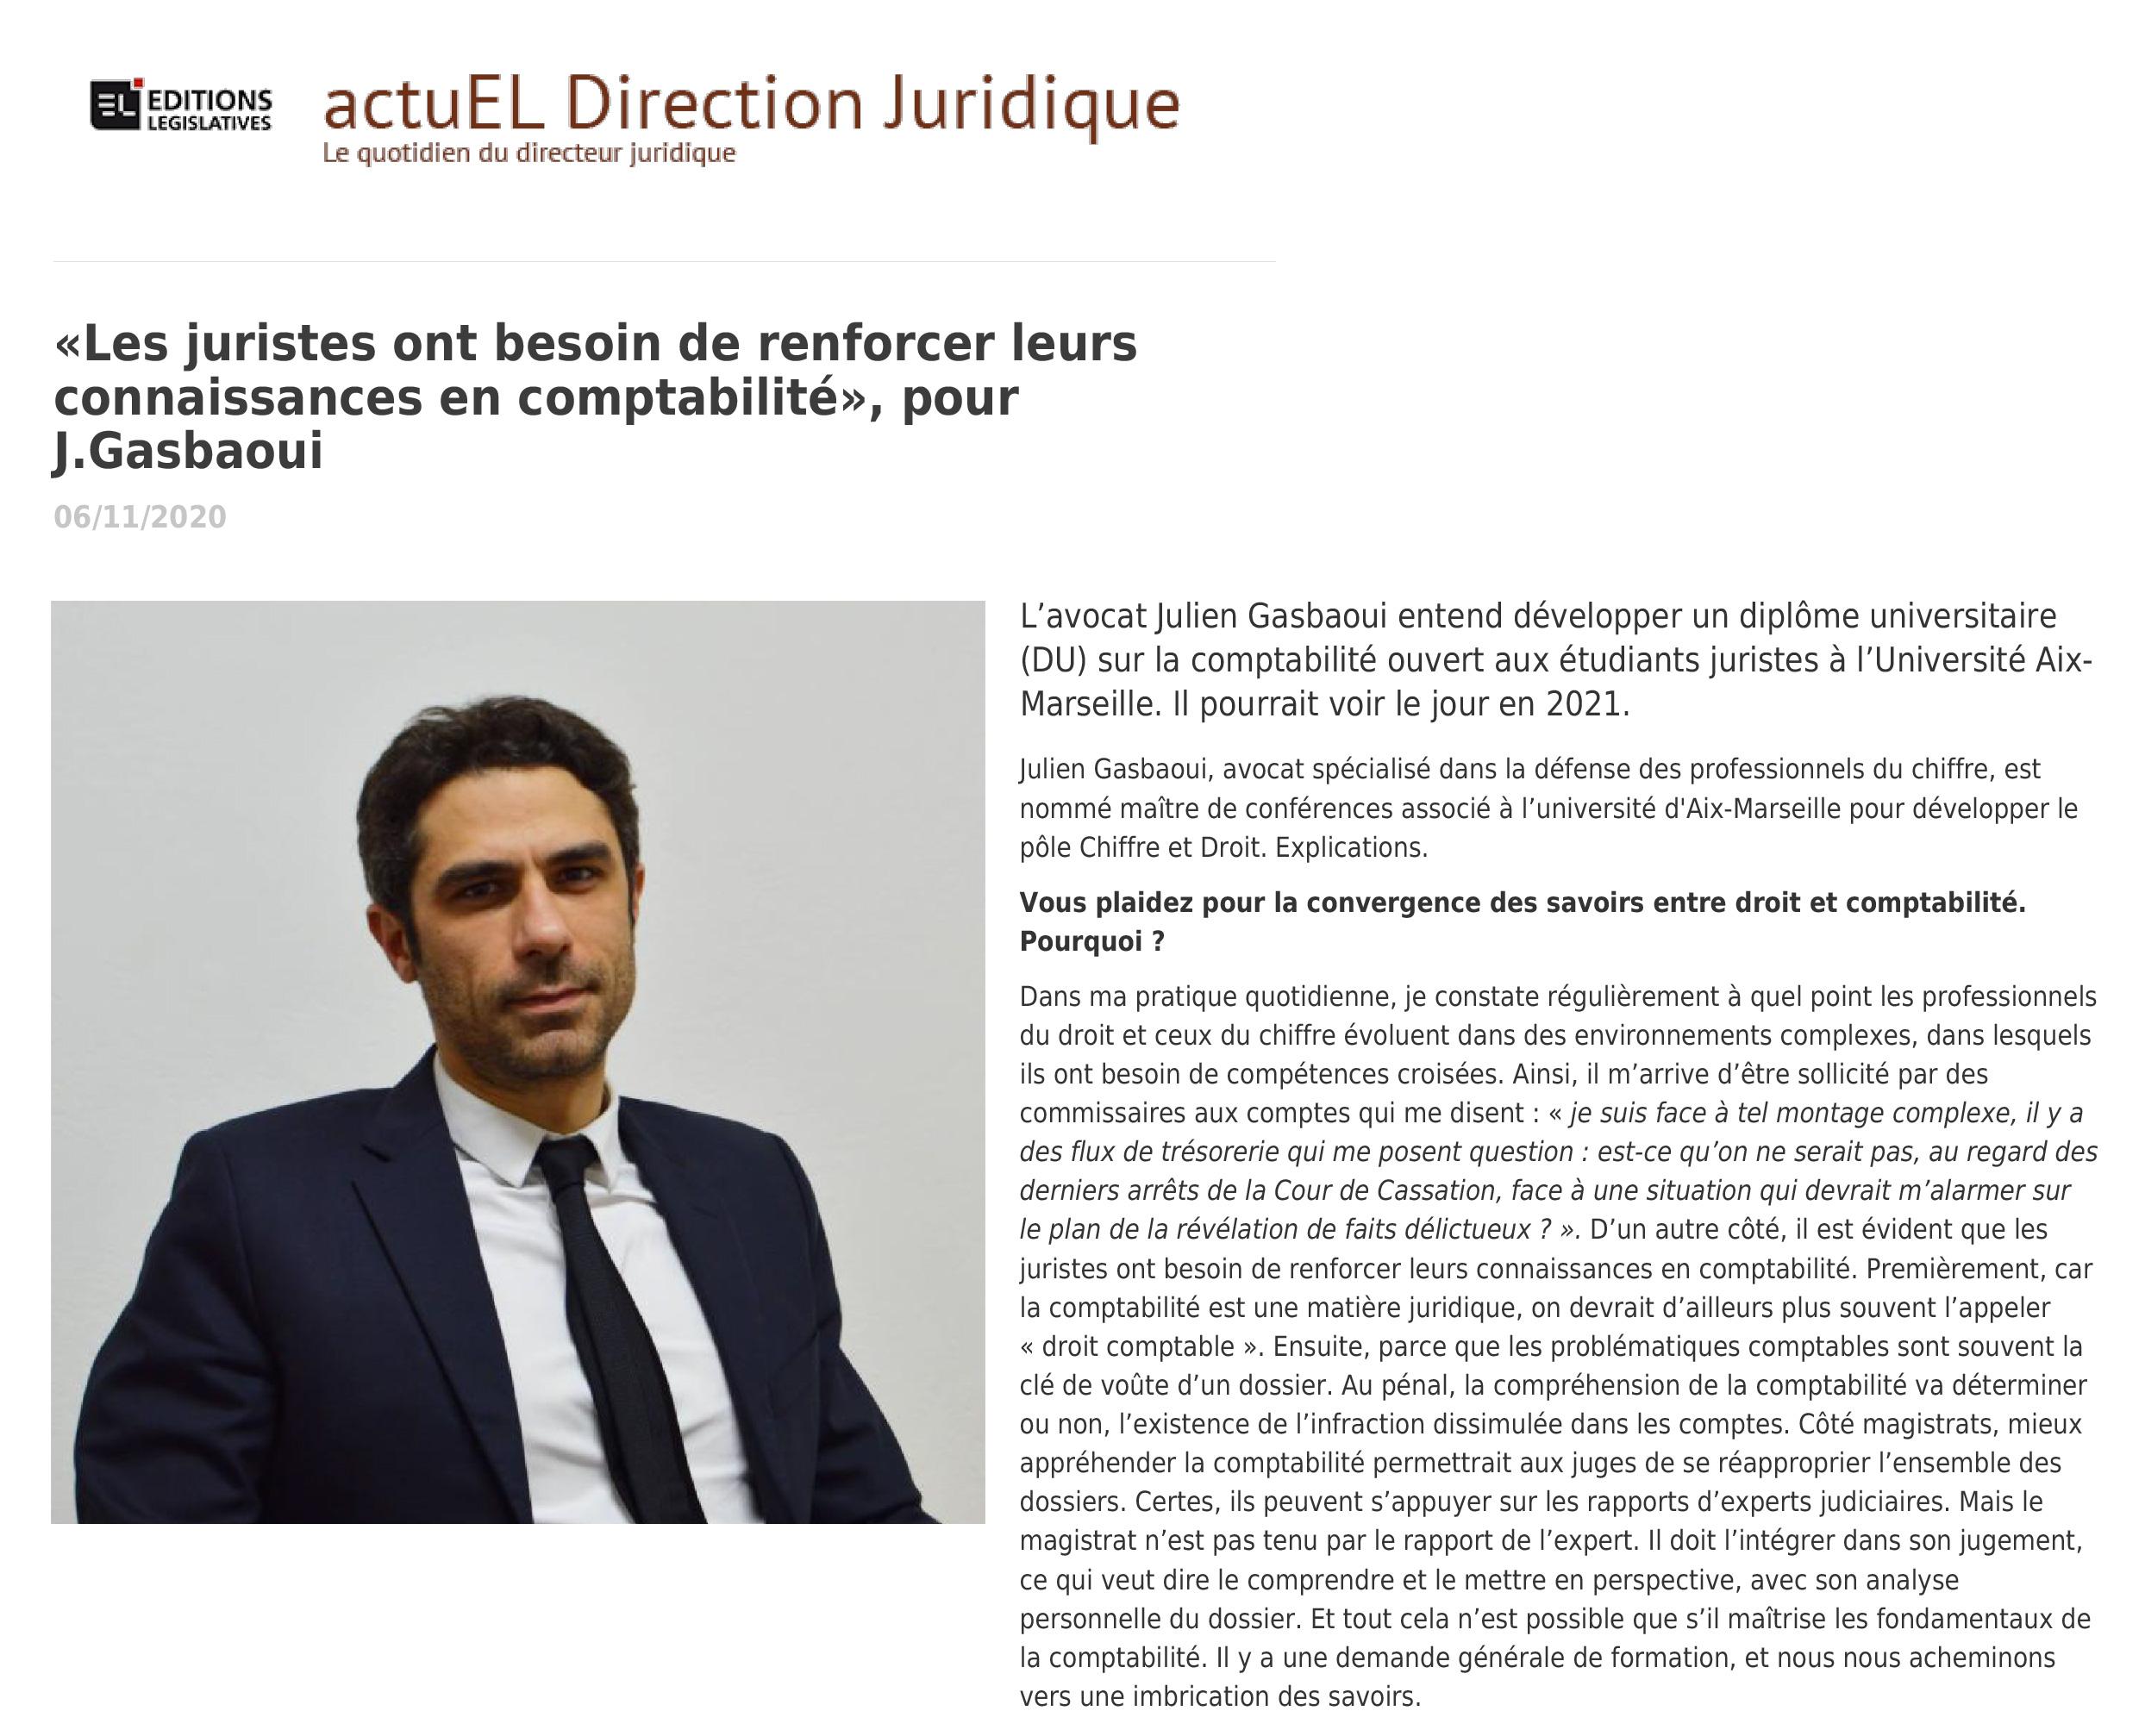 Julien Gasbaoui - Les juristes ont besoin de renforcer leurs connaissance en comptabilité